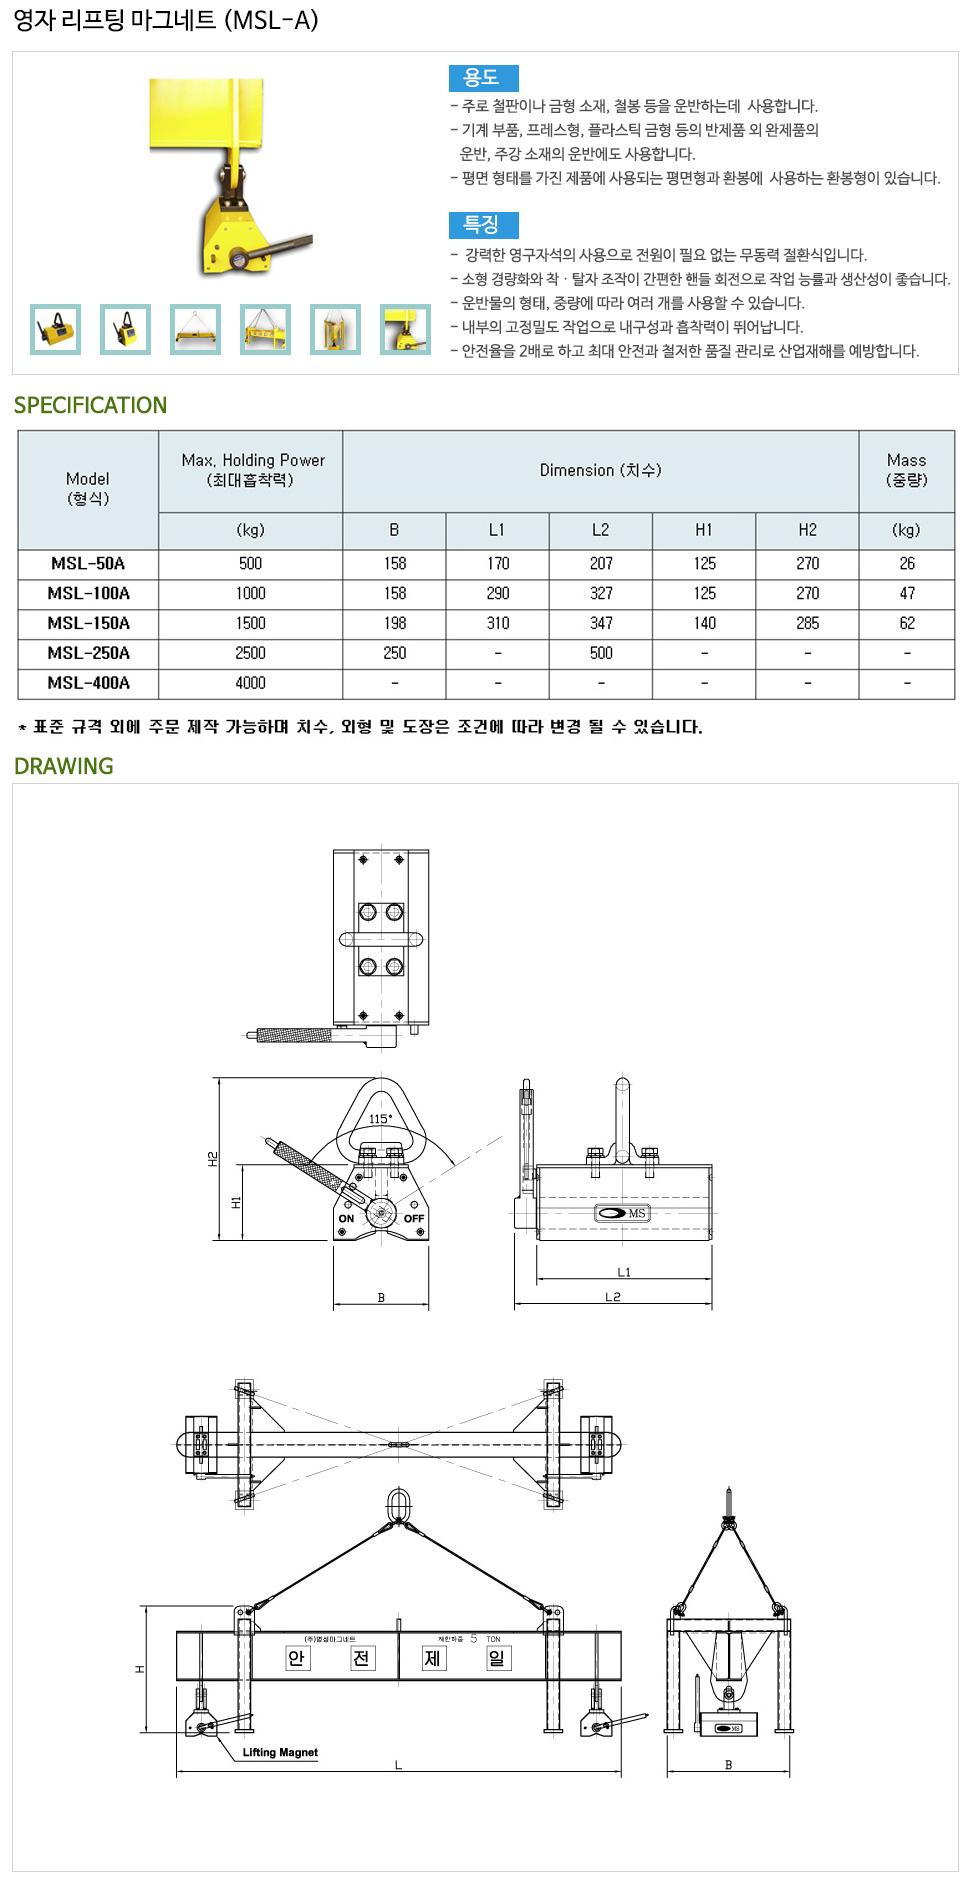 (주)명성마그네트 영자 리프팅 마그네트 MSL-A-Series